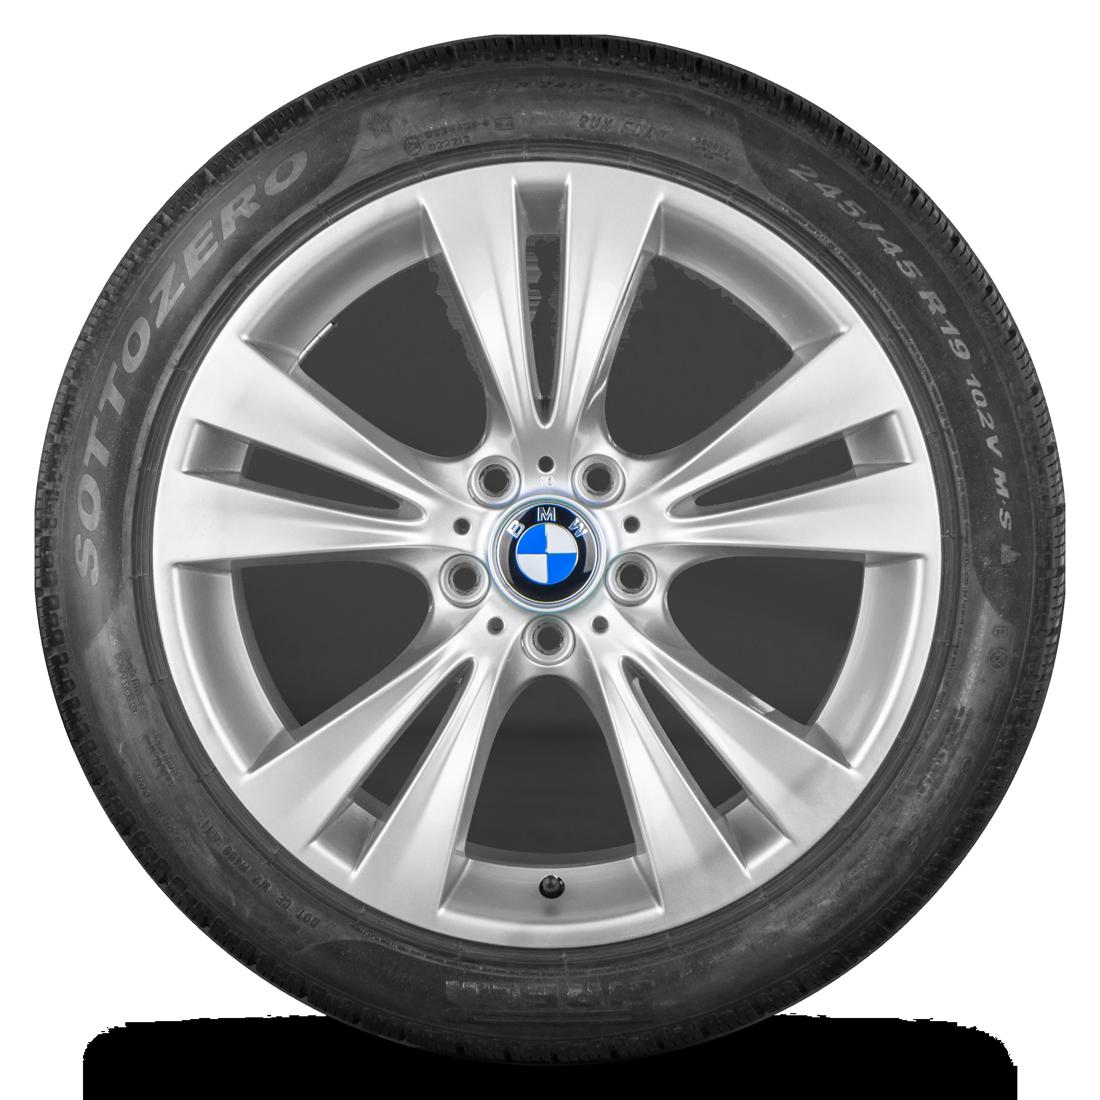 BMW X3 F25 X4 F26 19 Zoll Felgen Alufelgen Winterreifen Winterräder Styling 309